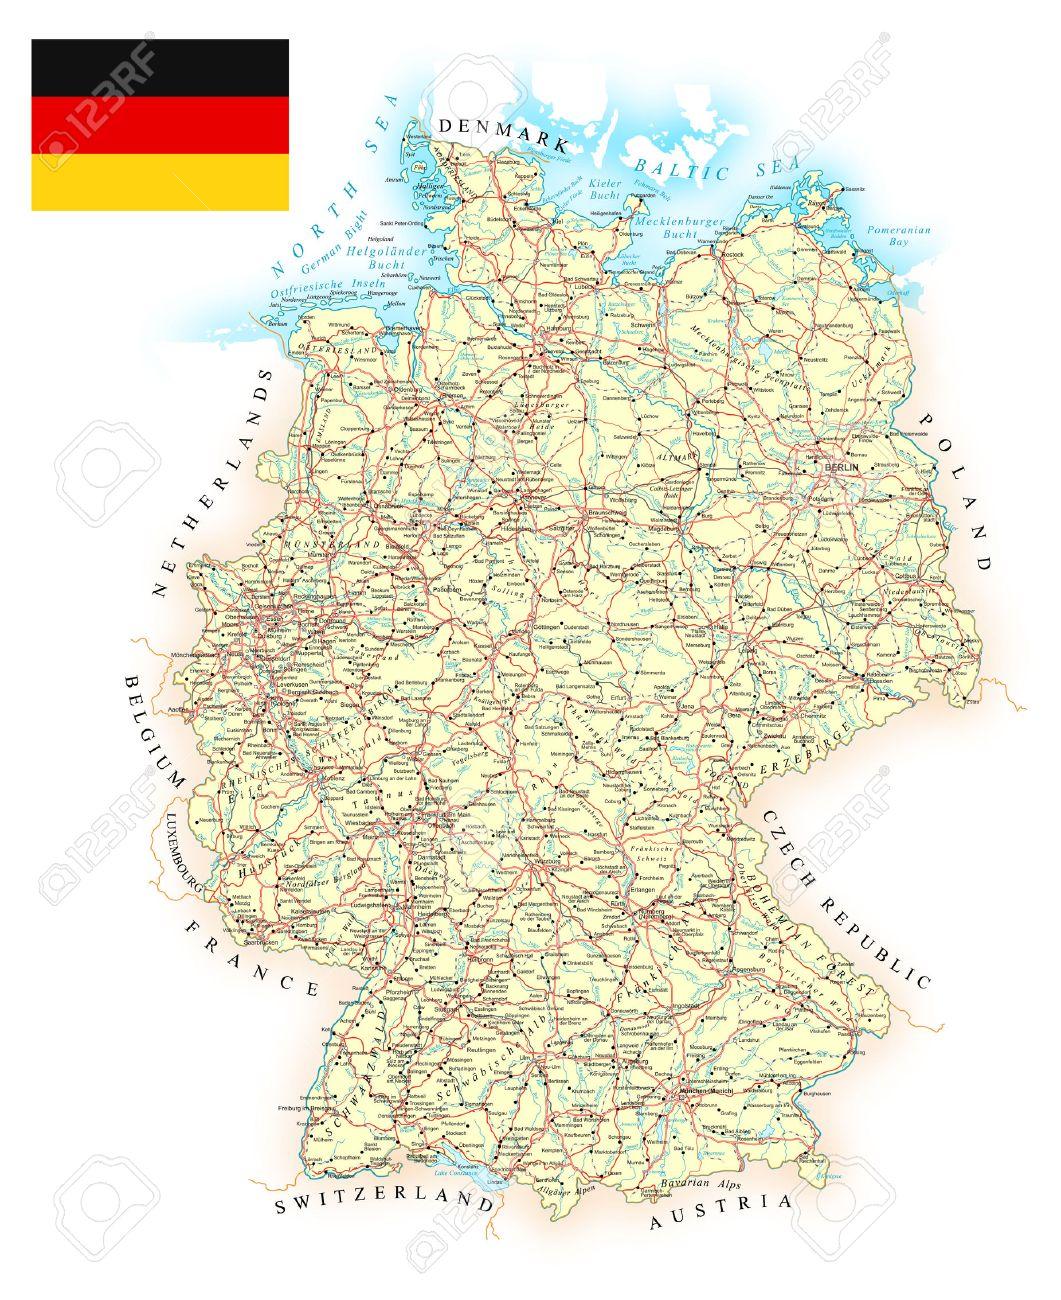 Mapa Tierra Media Detallado.Alemania Mapa Detallado Ilustracion Mapa Contiene Contornos Topograficos Pais Y Los Nombres De La Tierra Ciudades Objetos De Agua Carreteras